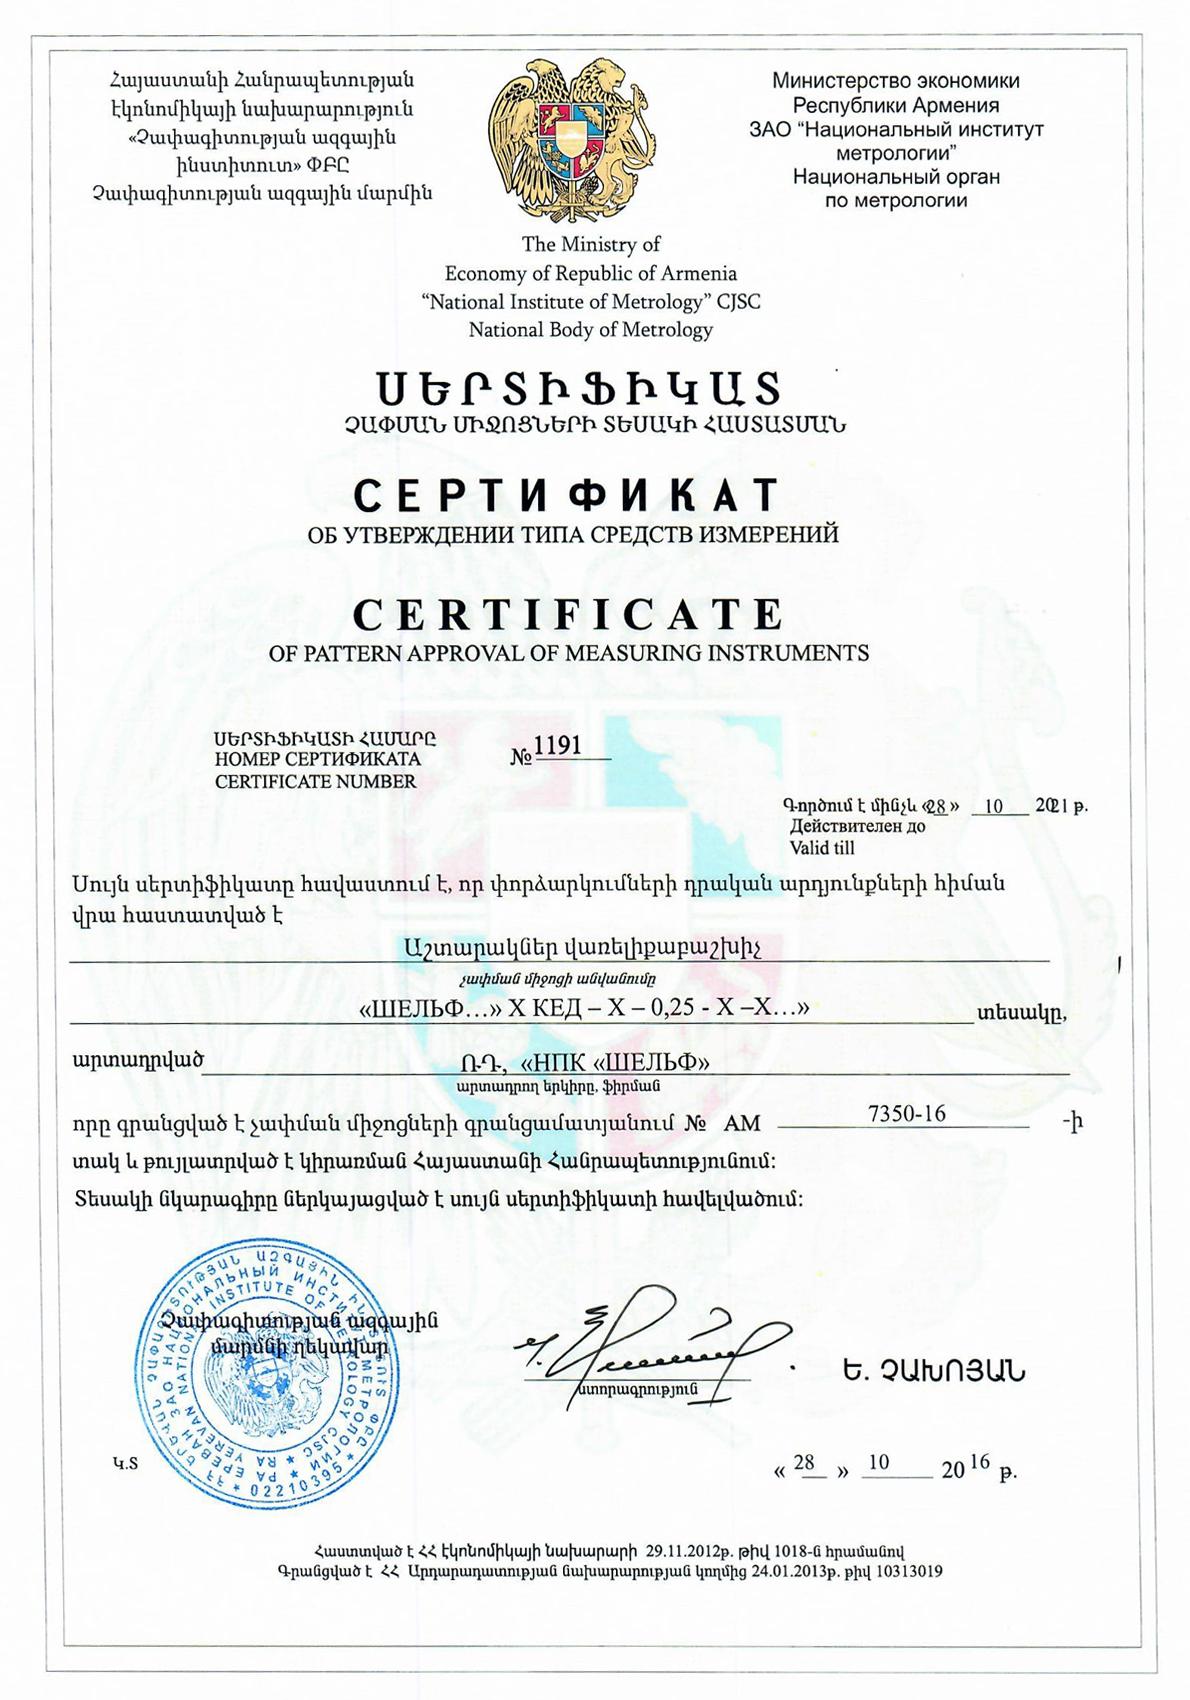 Сертификат утверждения (Армения)